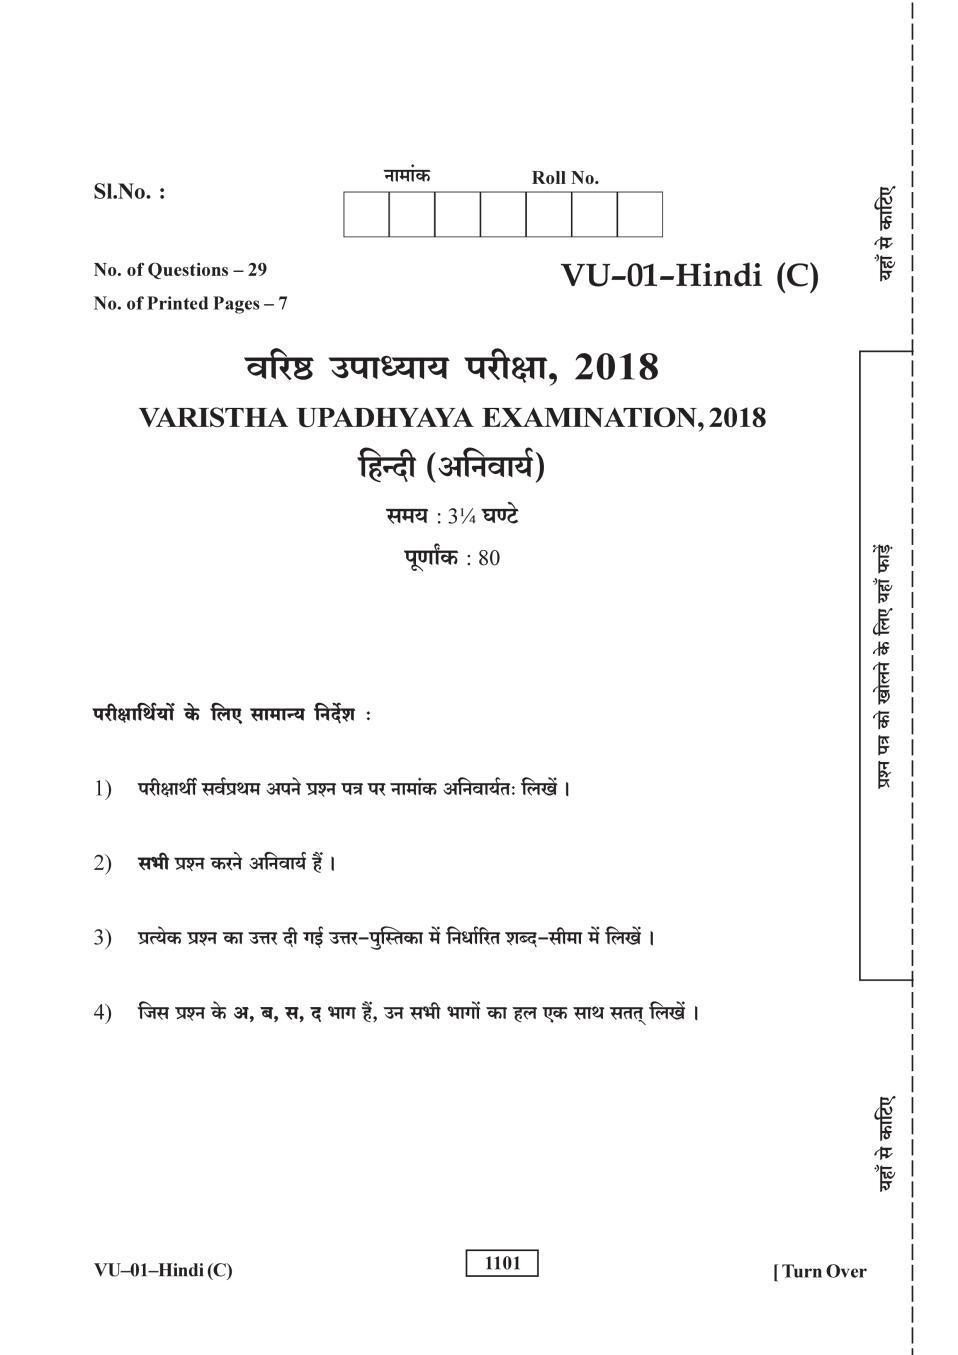 Rajasthan Board V Upadhyay Hindi Question Paper 2018 - Page 1